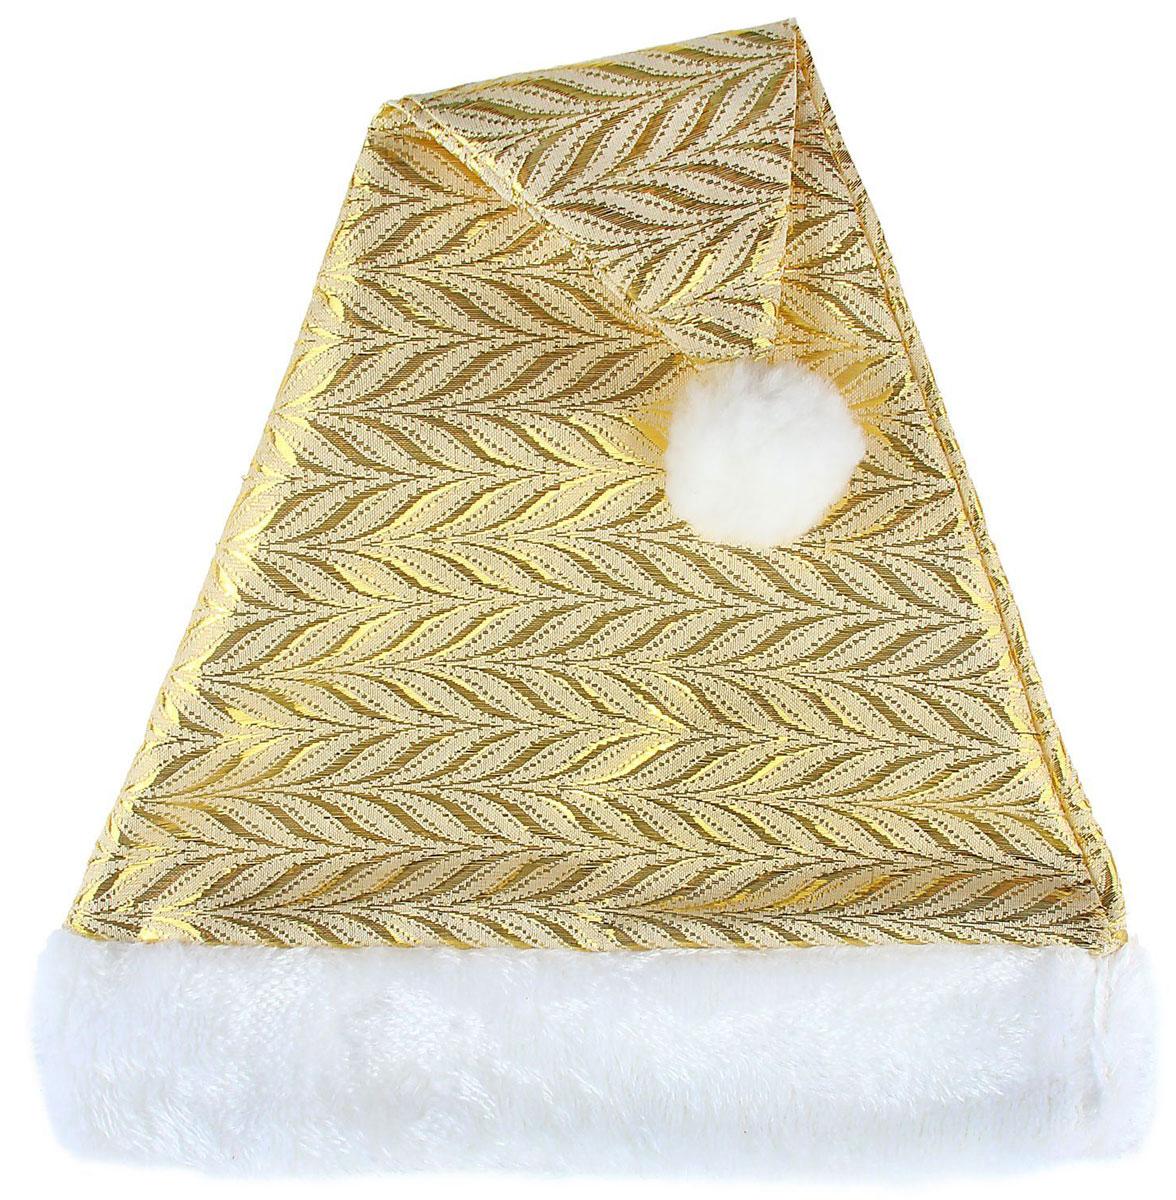 Колпак новогодний Золотая коса, 28 х 41 см1112357Поддайтесь новогоднему веселью на полную катушку! Забавный колпак в секунду создаст праздничное настроение, будь то поздравление ребятишек или вечеринка с друзьями. Размер изделия универсальный: аксессуар подойдет как для ребенка, так и для взрослого. А мягкий текстиль позволит носить колпак с комфортом на протяжении всей новогодней ночи.